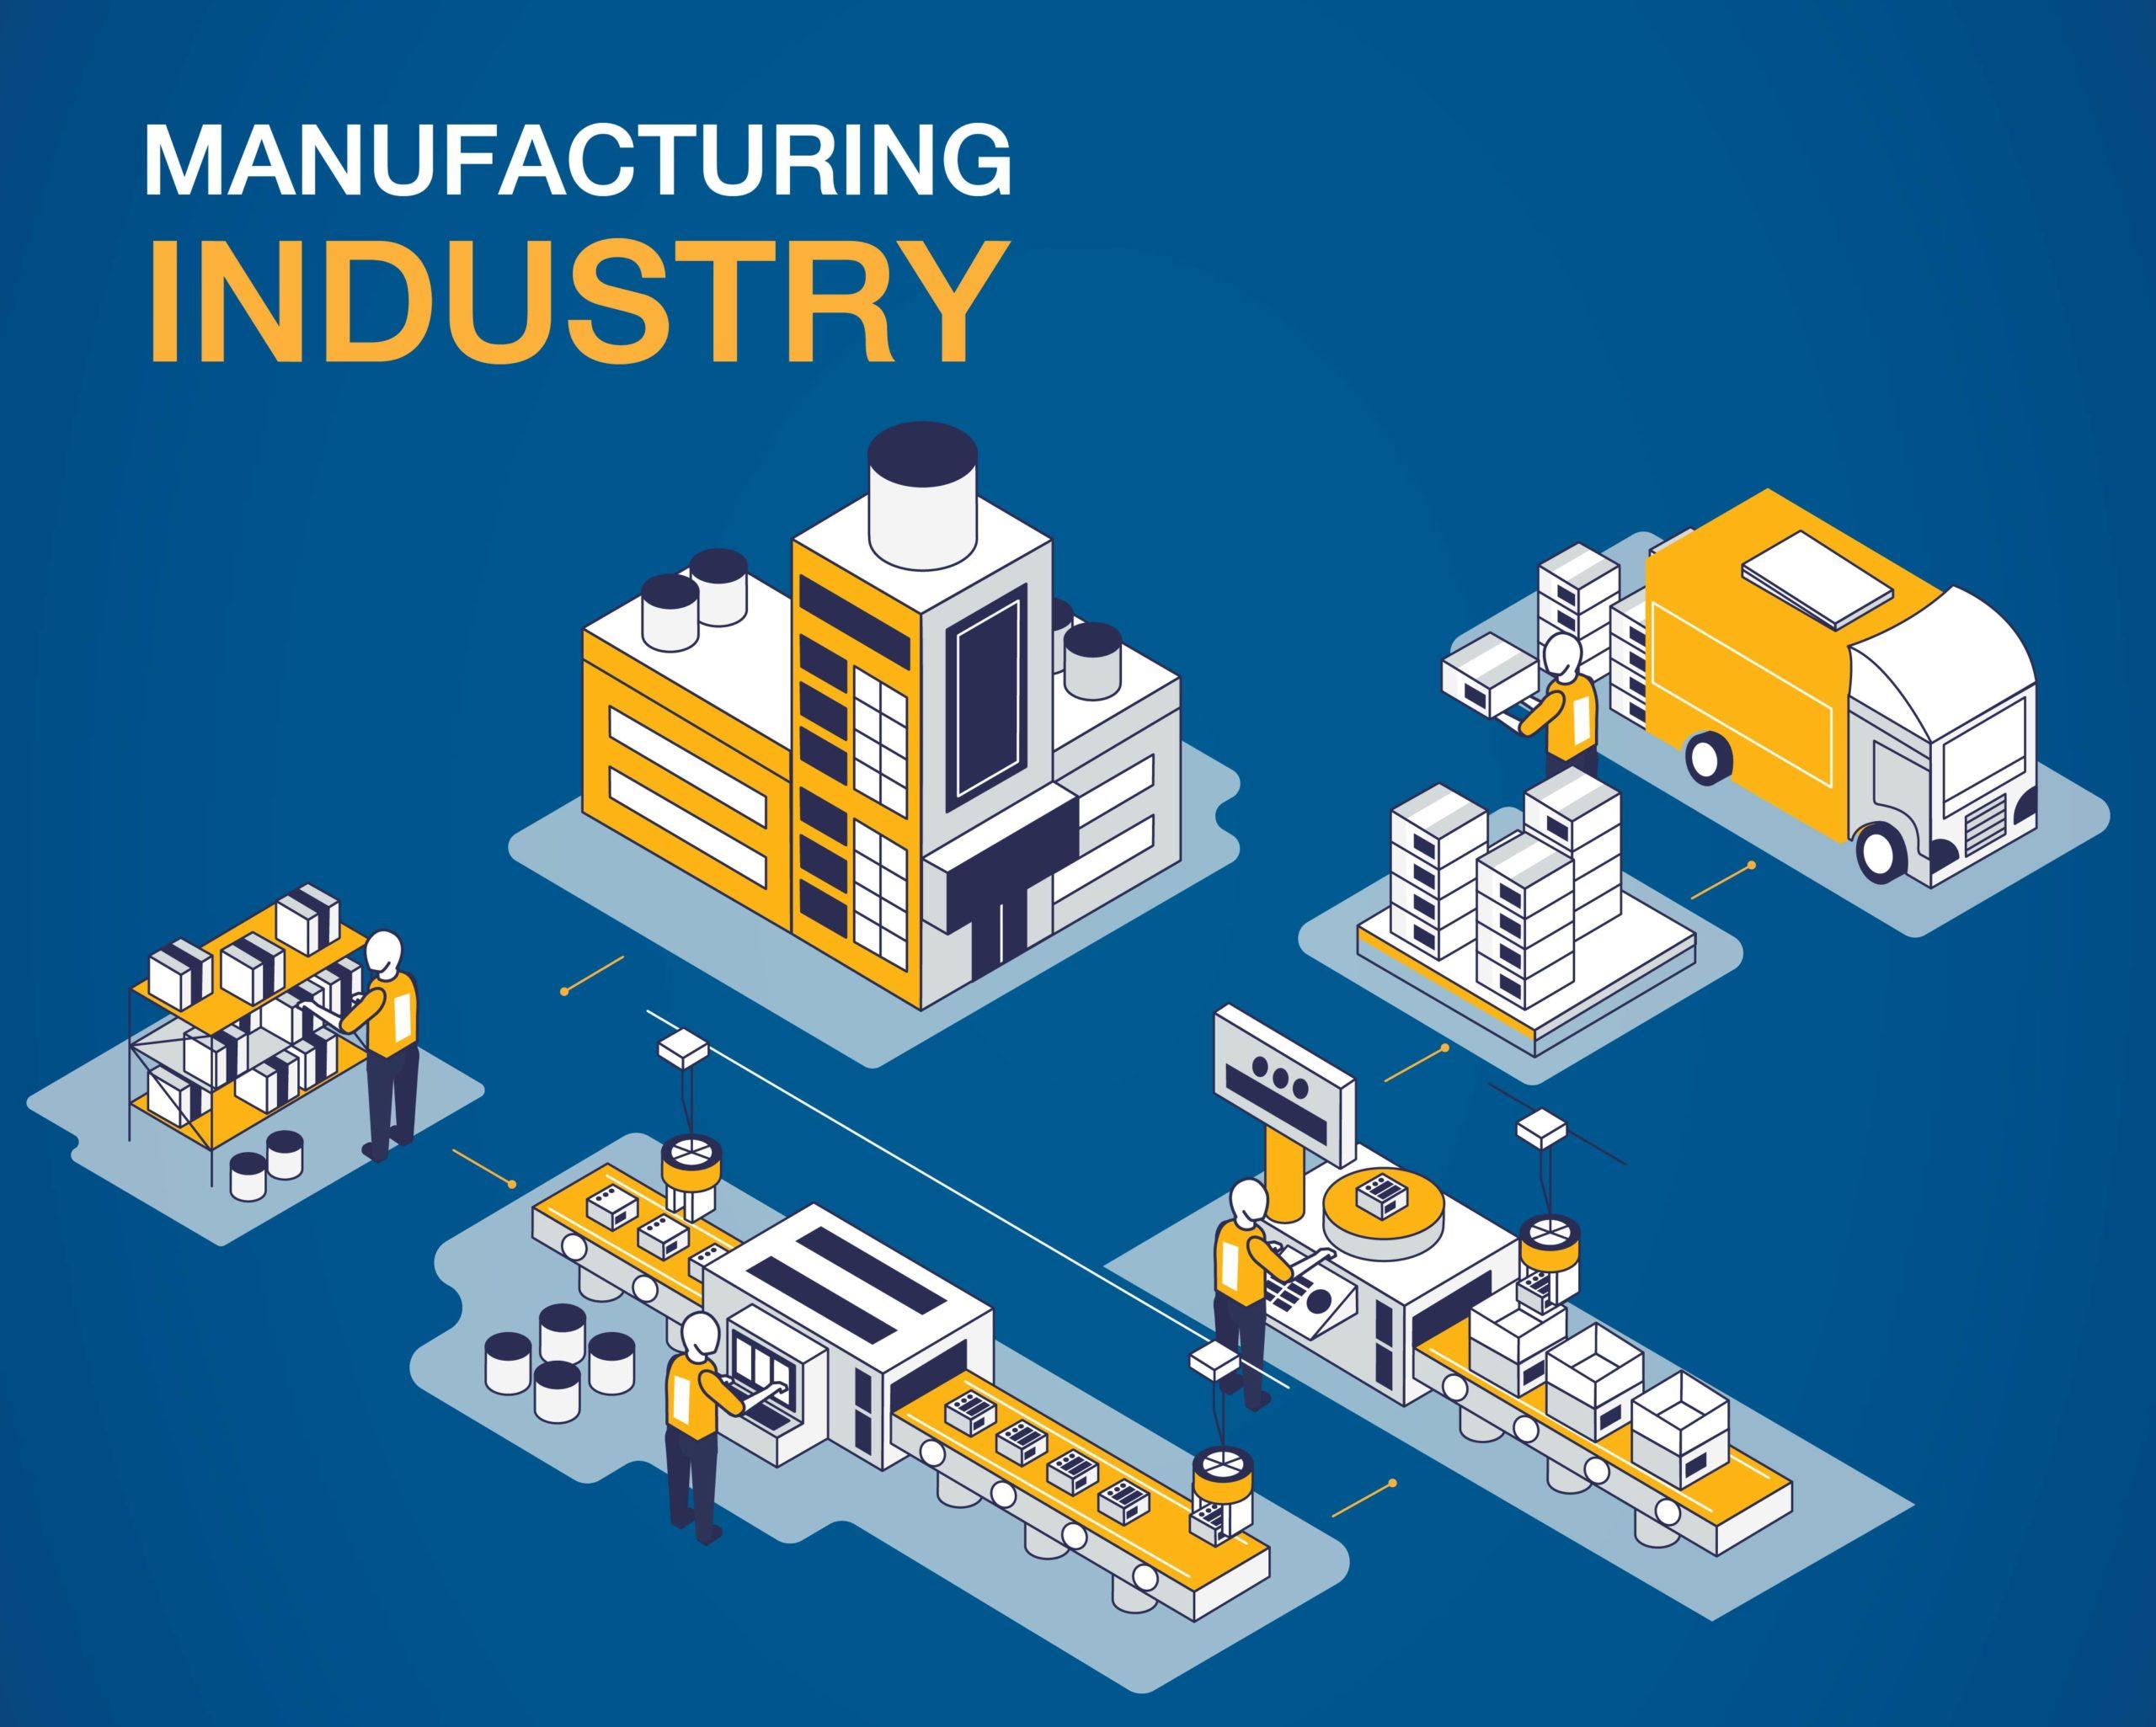 ERP การผลิต AW_ ซอฟแวร์ อุตสากรรมการผลิต การจัดการการผลิต